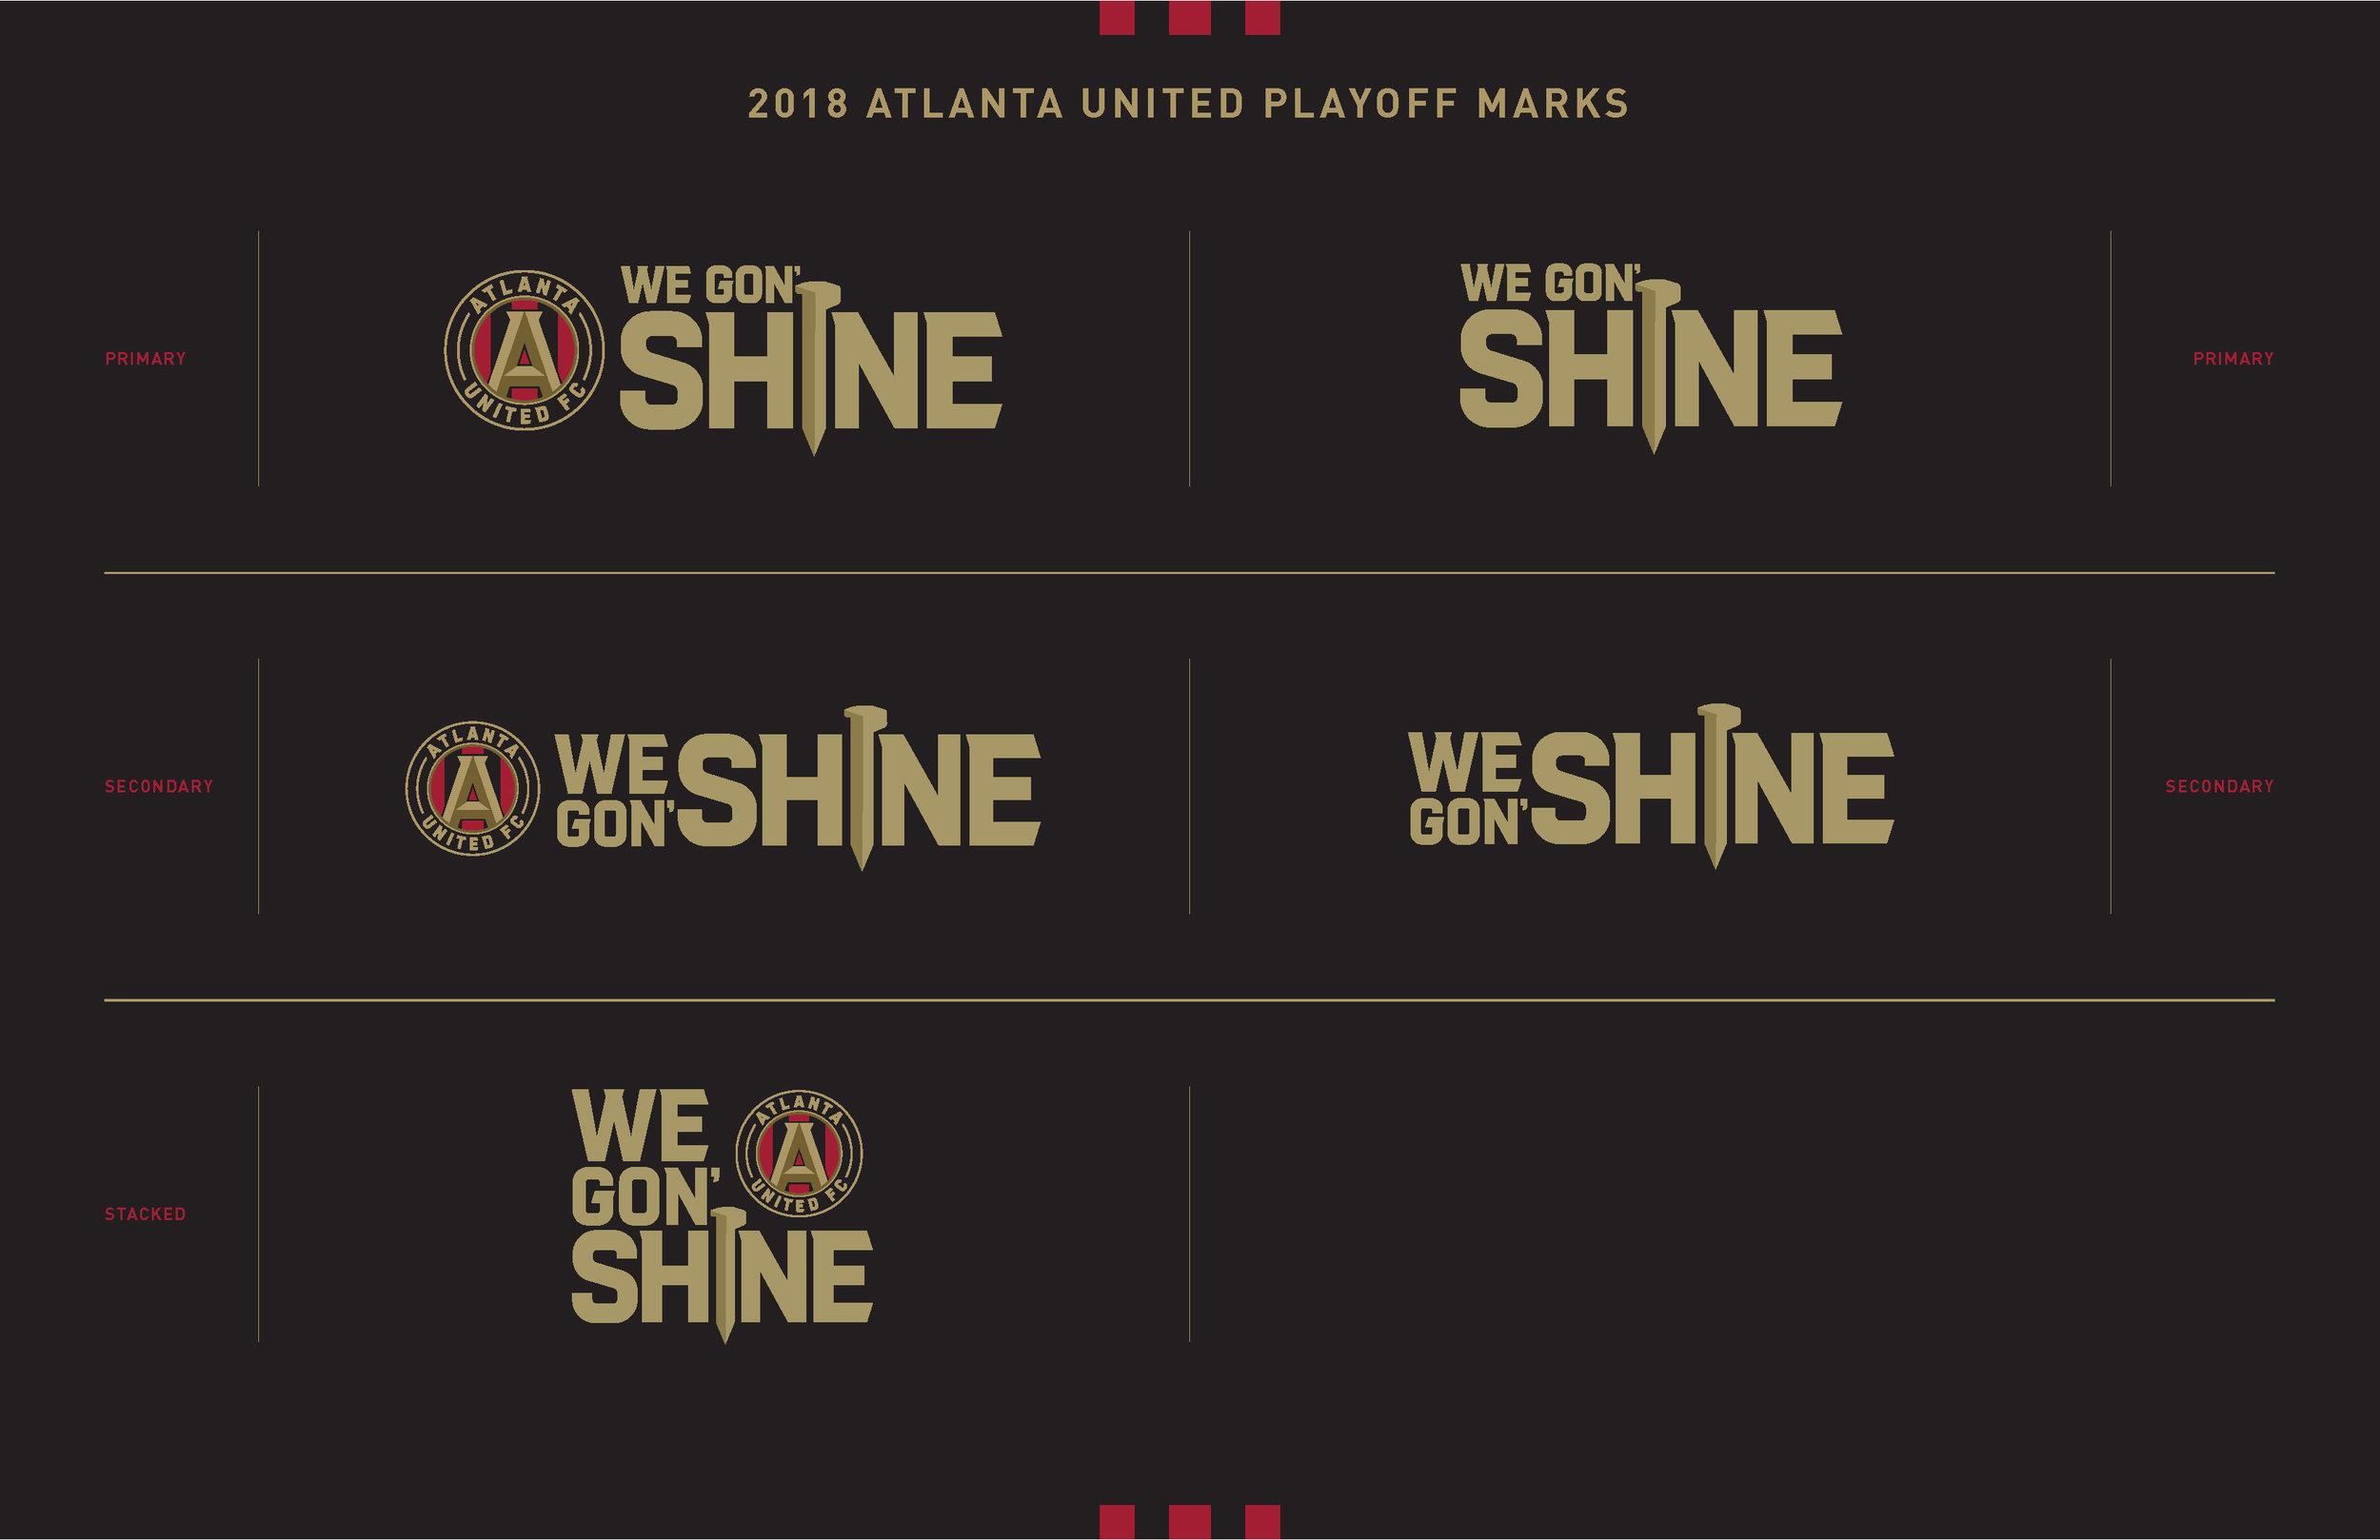 UTD_Playoffs-2018_Logo-Sheet-flat 2_Page_1.jpg